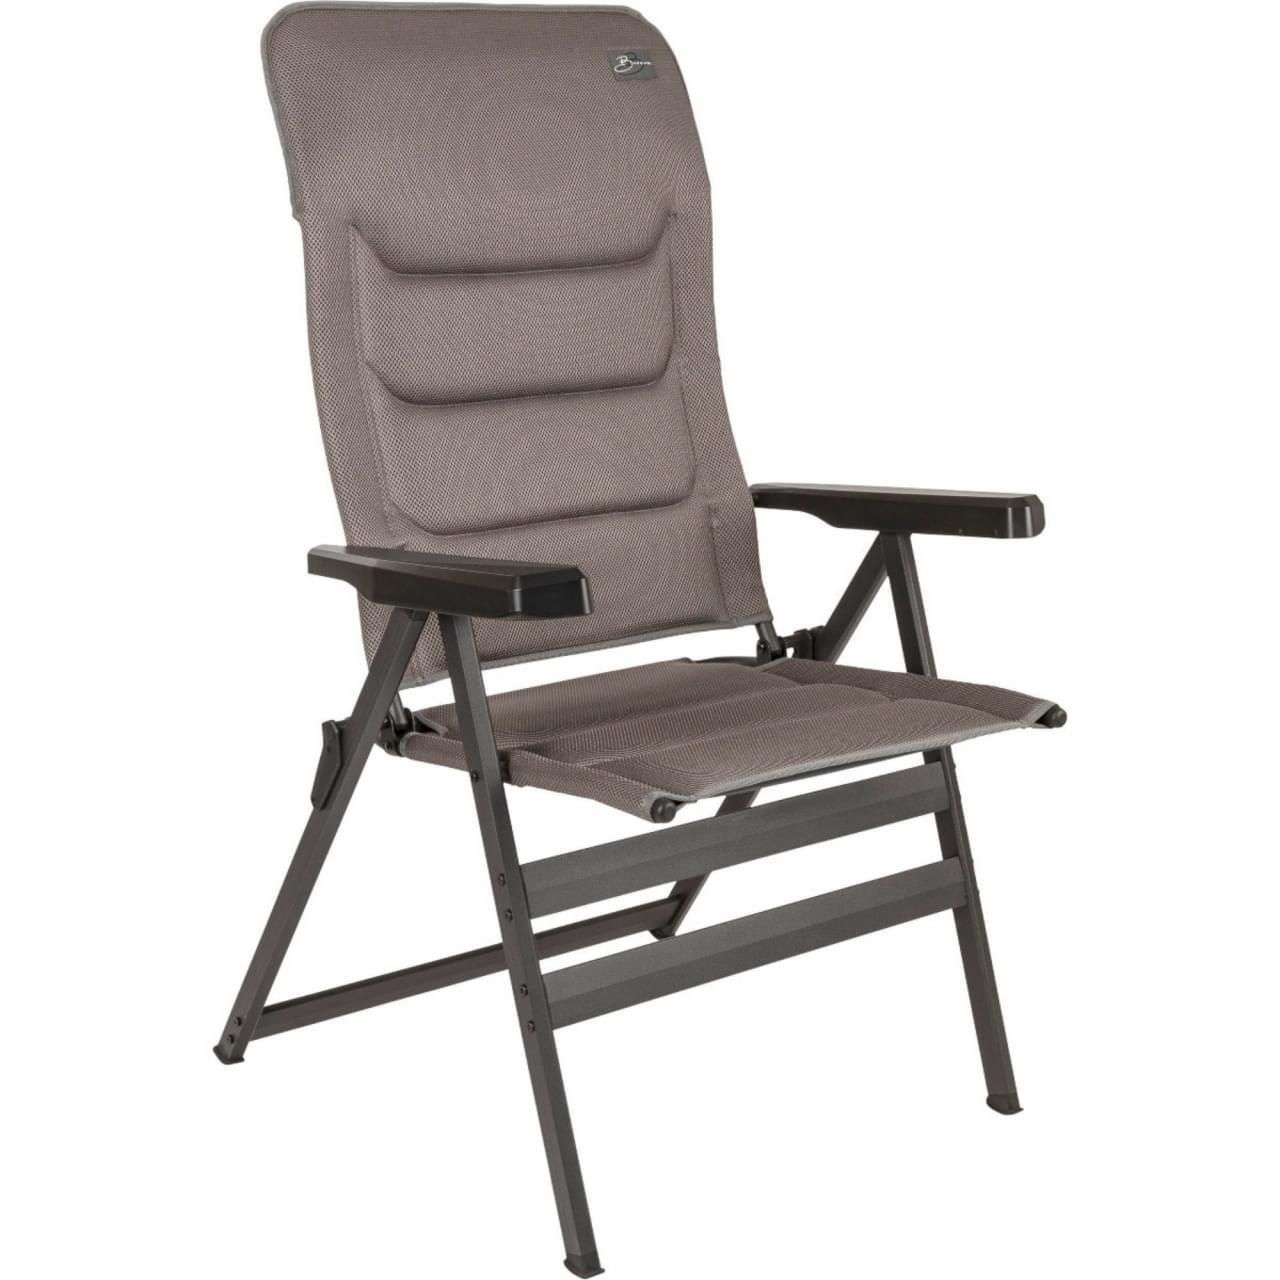 Bardani Bernardo XL 3D Comfort Campingstoel - Grijs